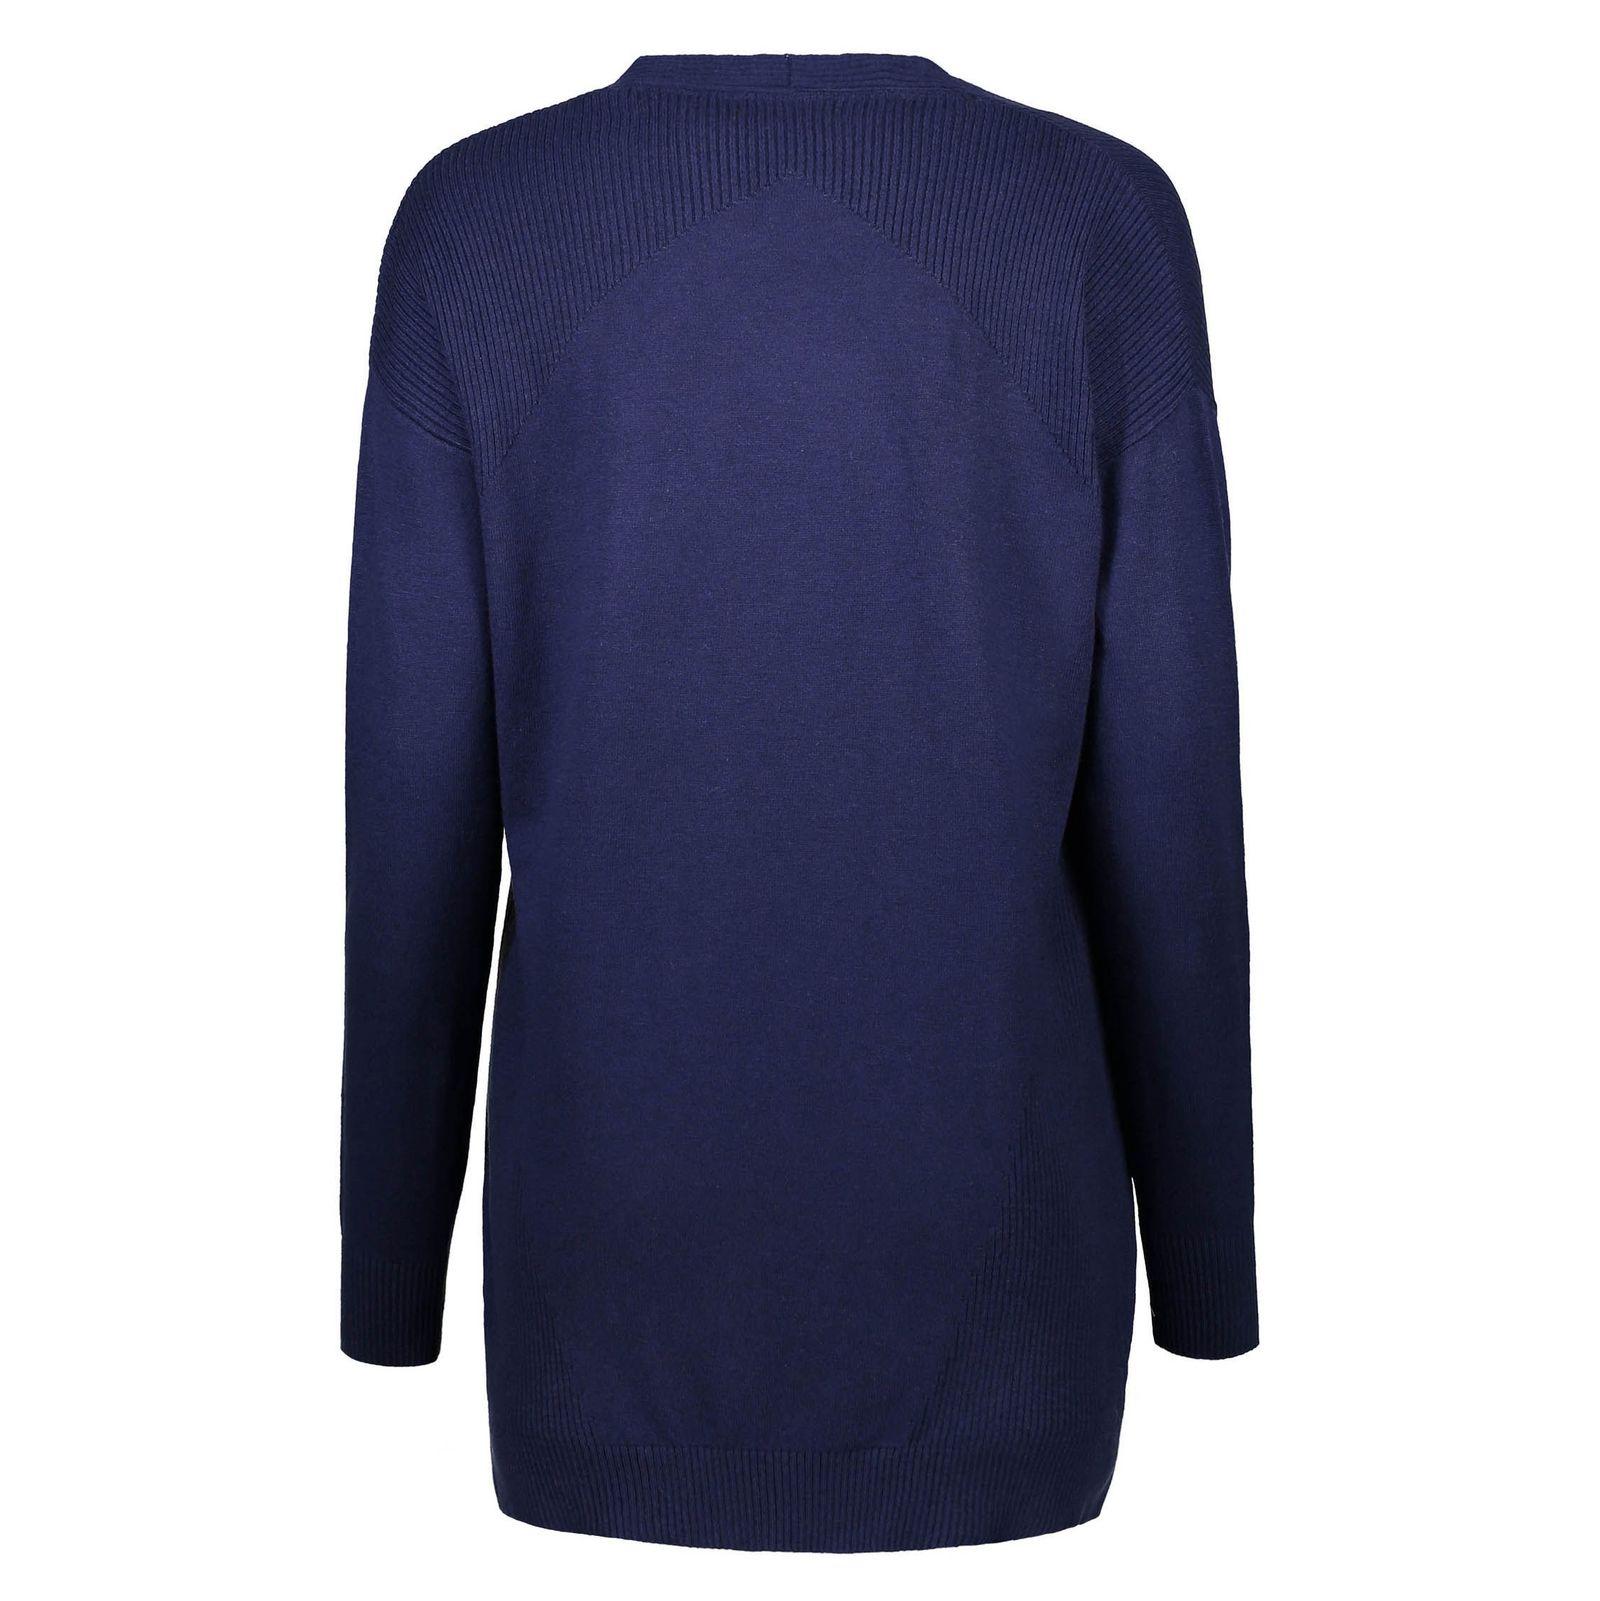 ژاکت بلند زنانه - رد هرینگ - سرمه اي - 2